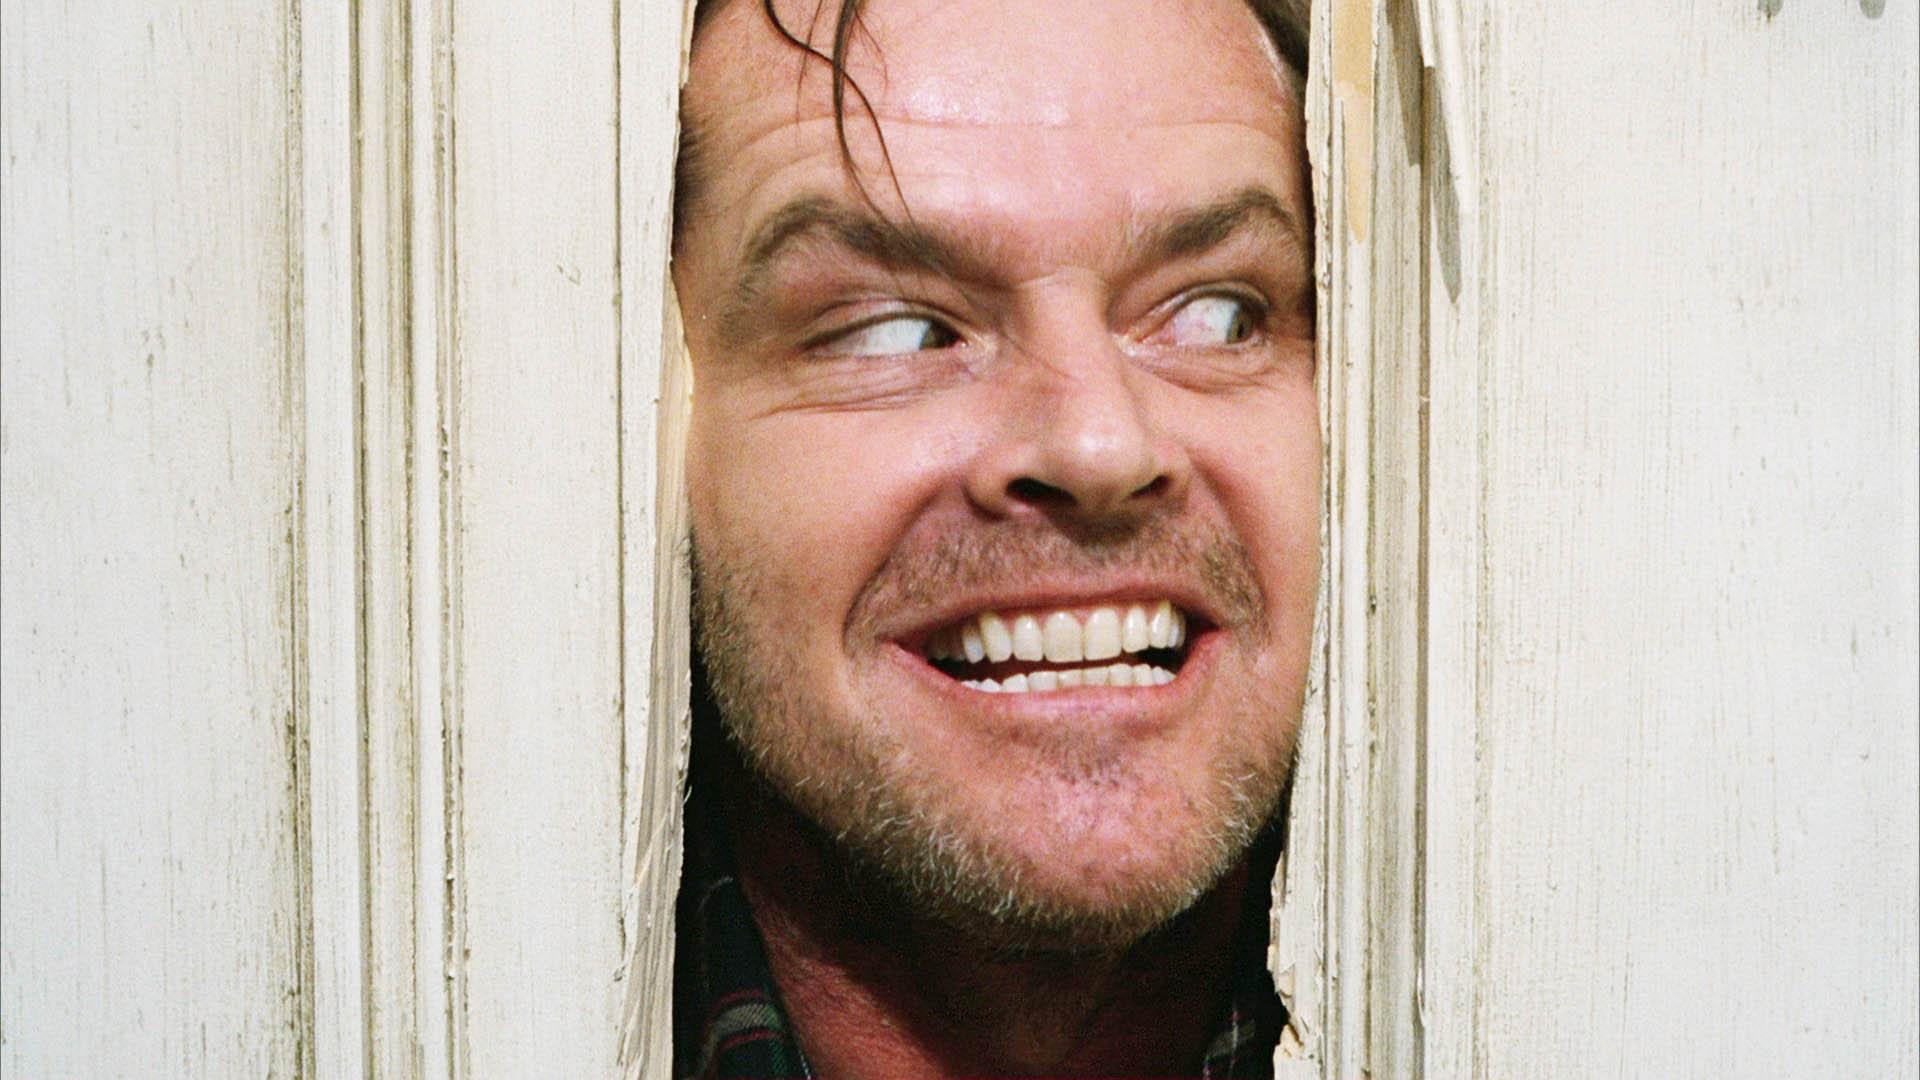 Lśnienie - topór Jacka Nicholsona sprzedany na aukcji